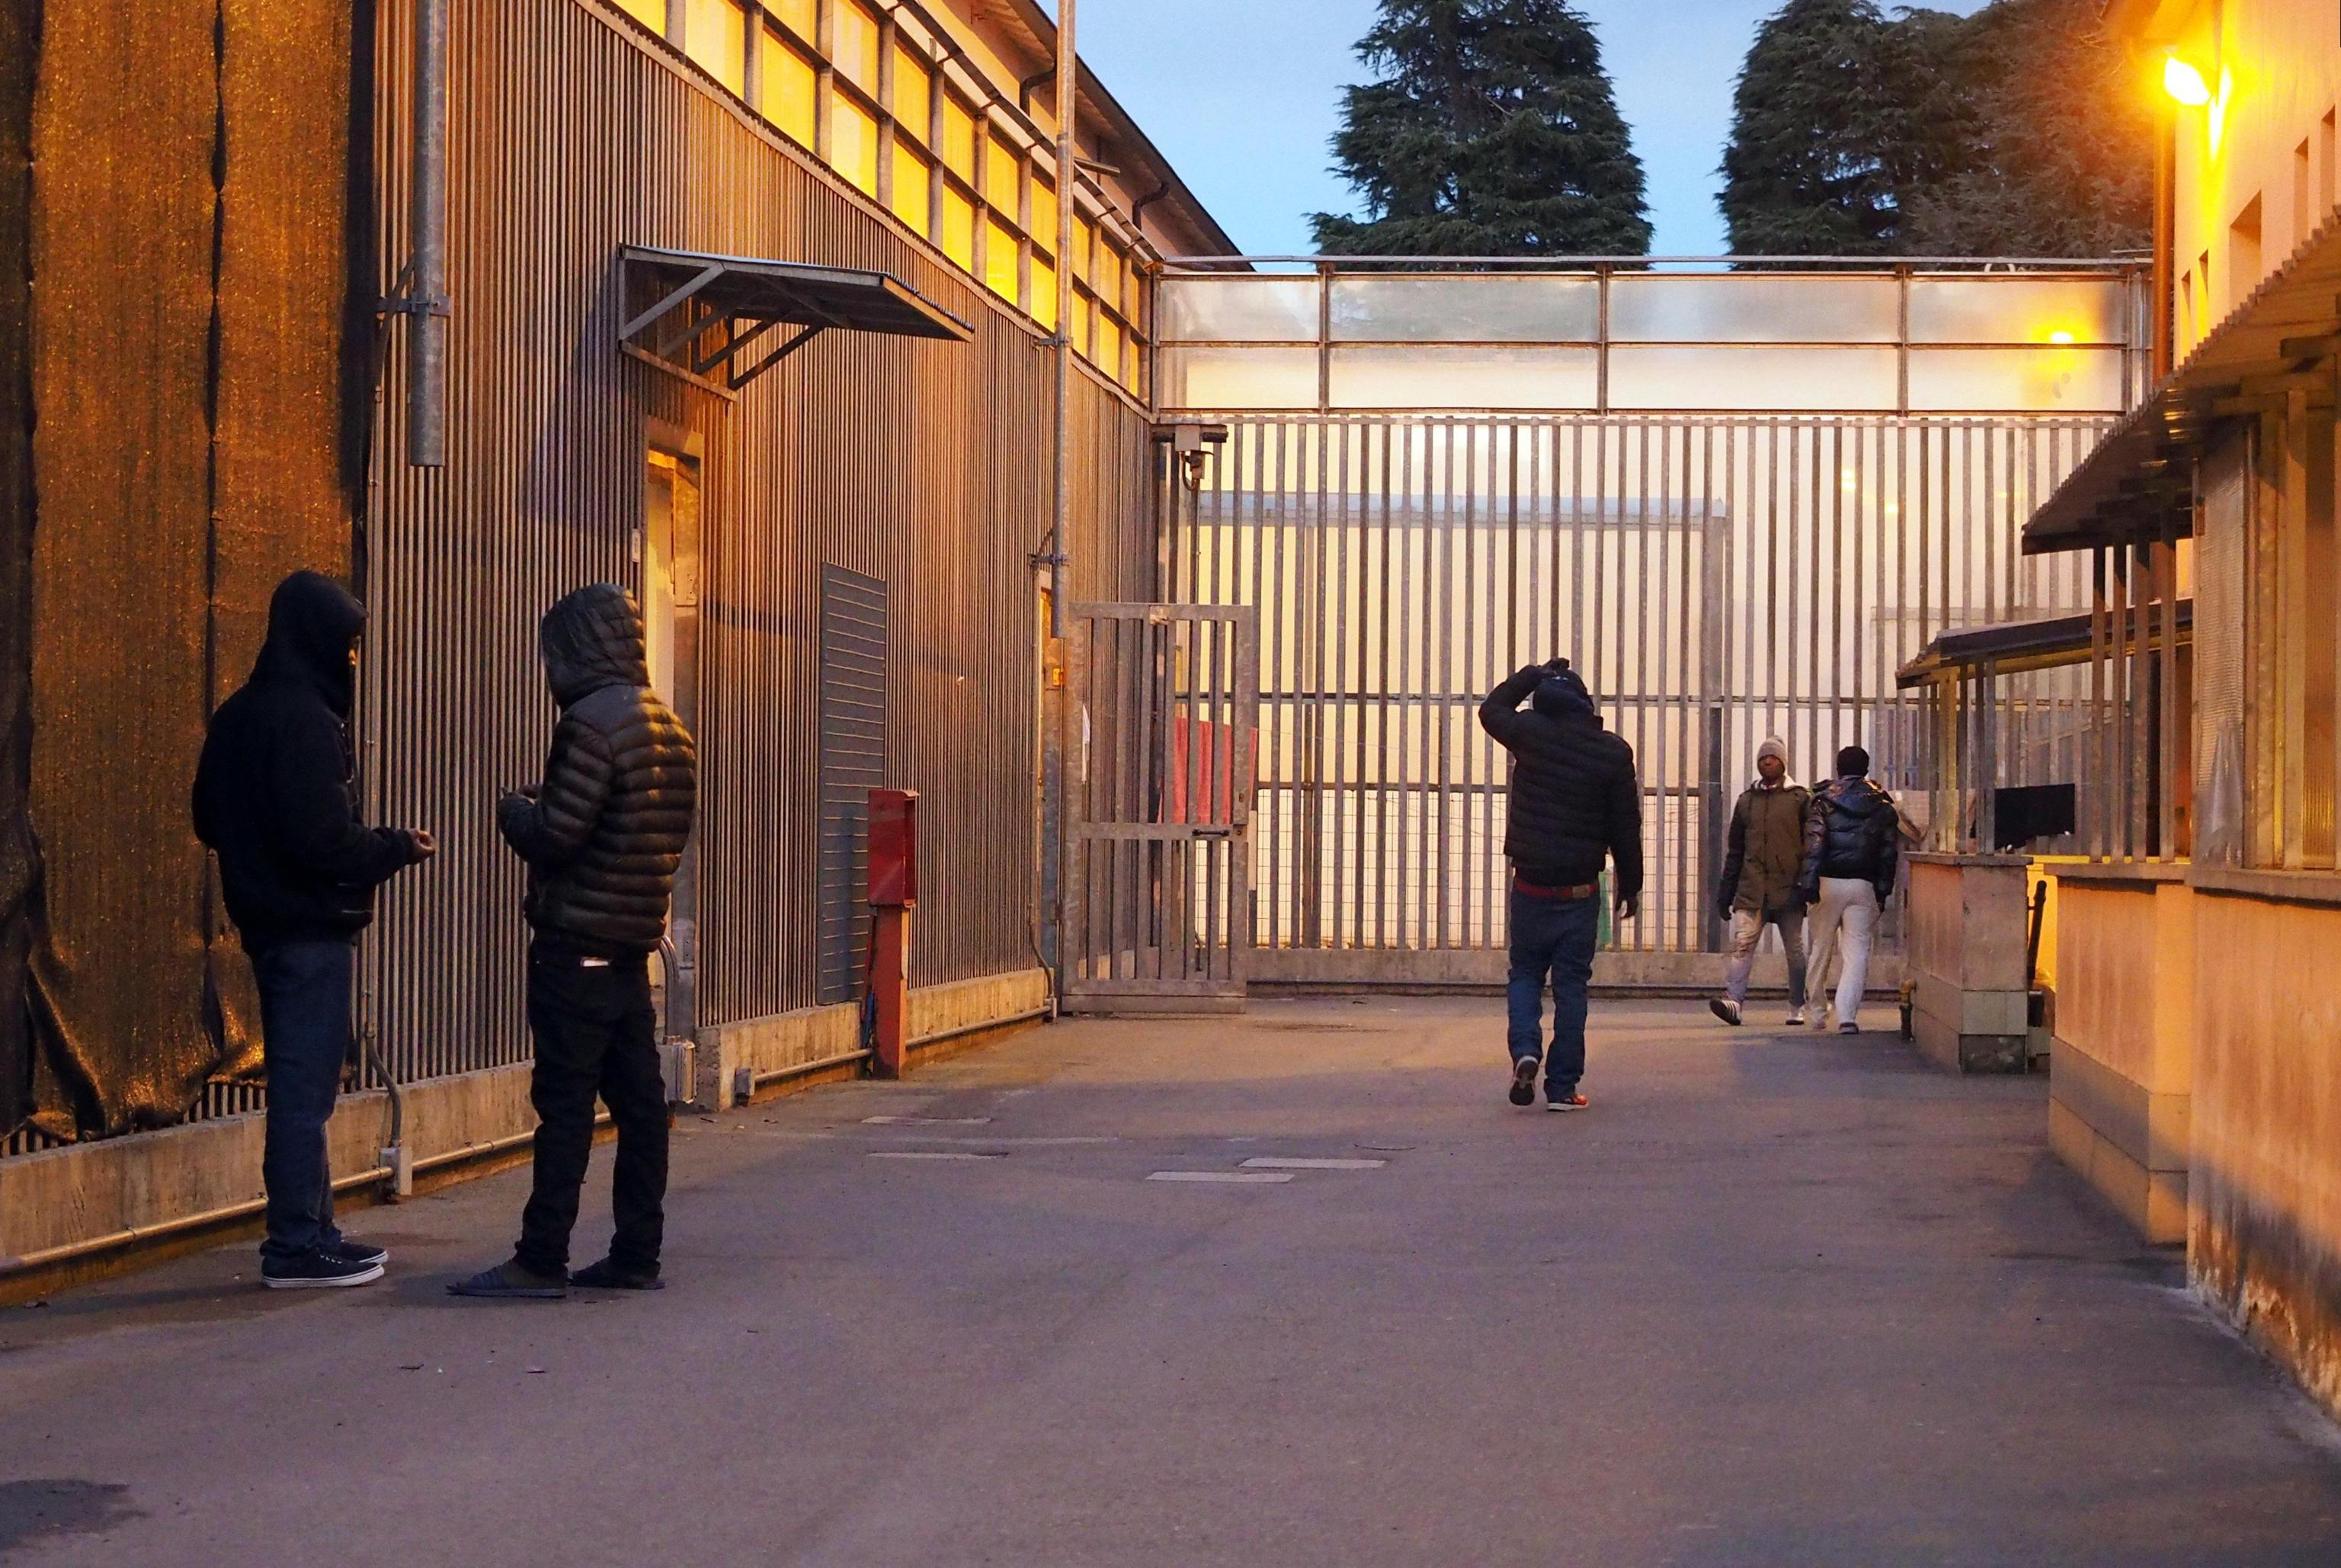 Emergenza sbarchi, migranti protestano per l'arrivo di altri migranti al centro di Cona